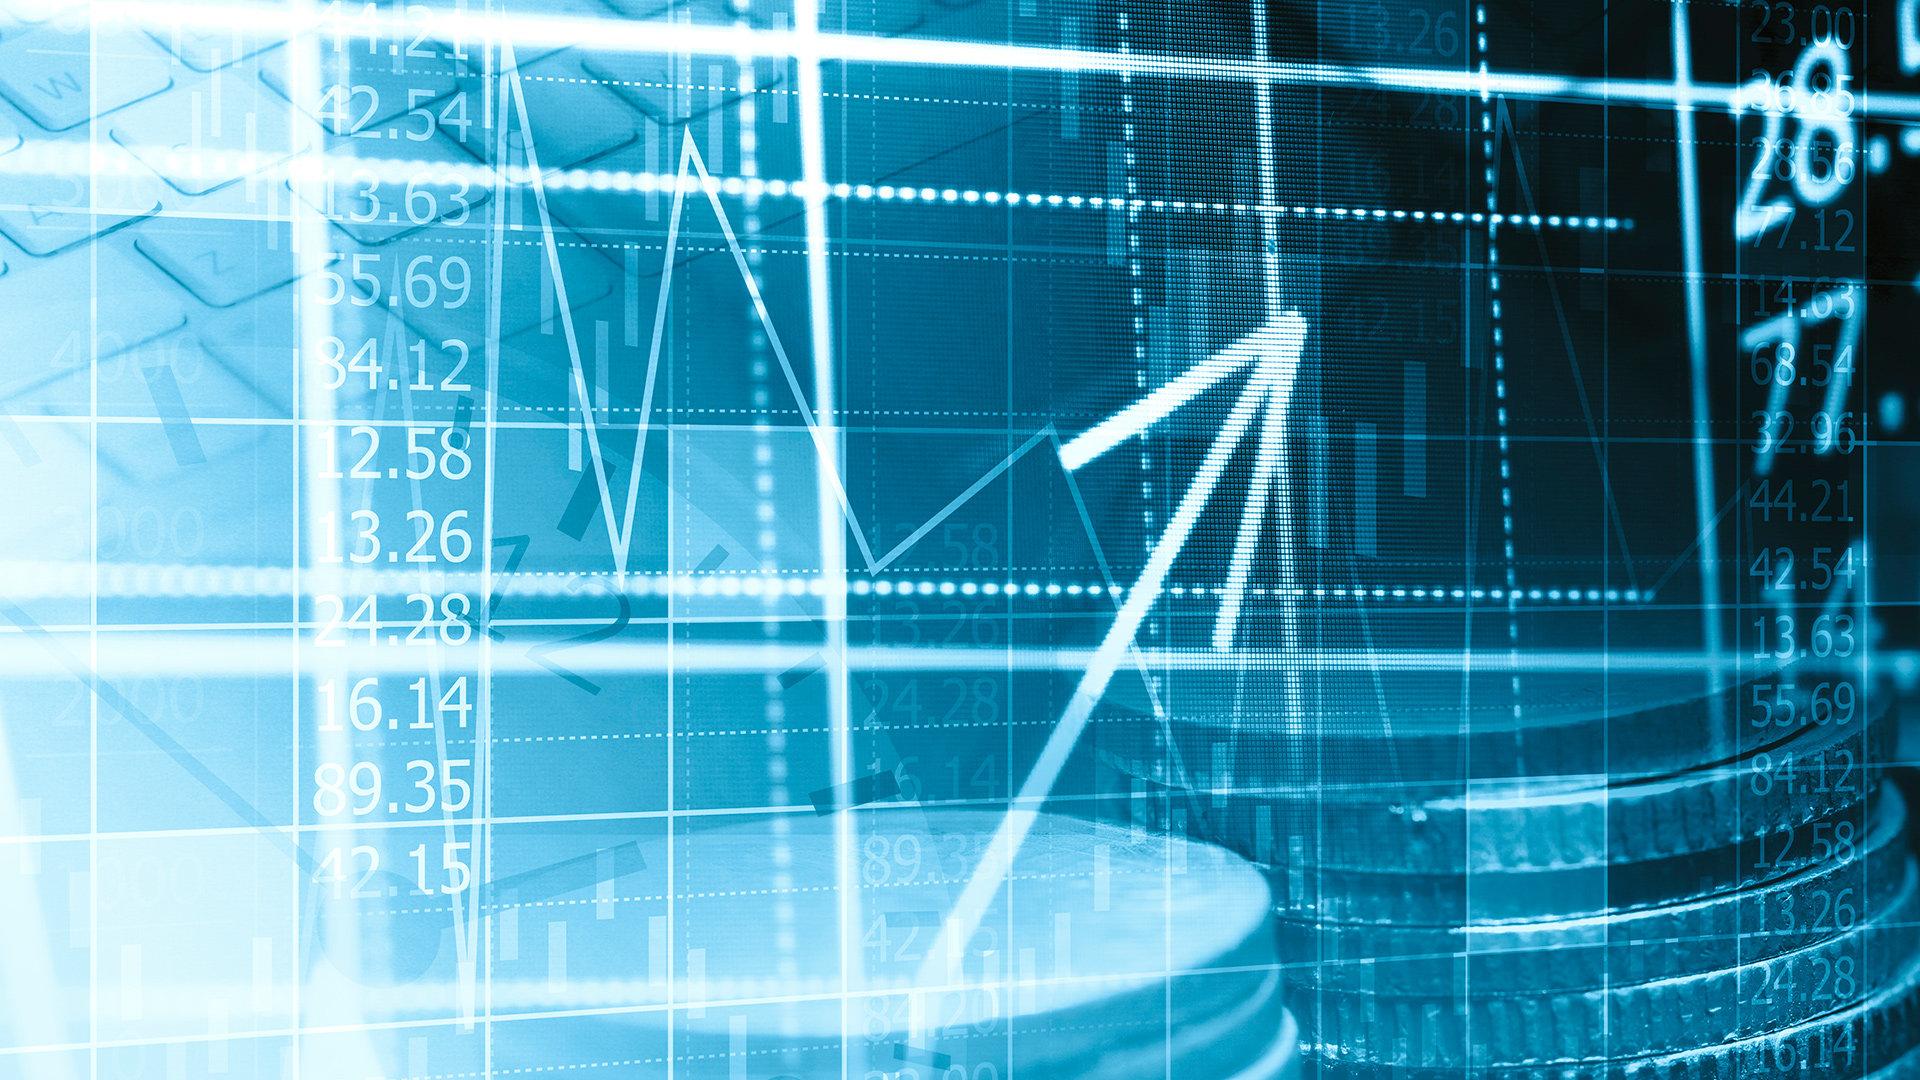 https://shareholdersandinvestors.bbva.com/wp-content/uploads/2017/05/El-Fondo-de-Garantía-de-Depósitos-Europeo-y-la-exposición-al-riesgo-soberano-dos-debates-separados.jpg